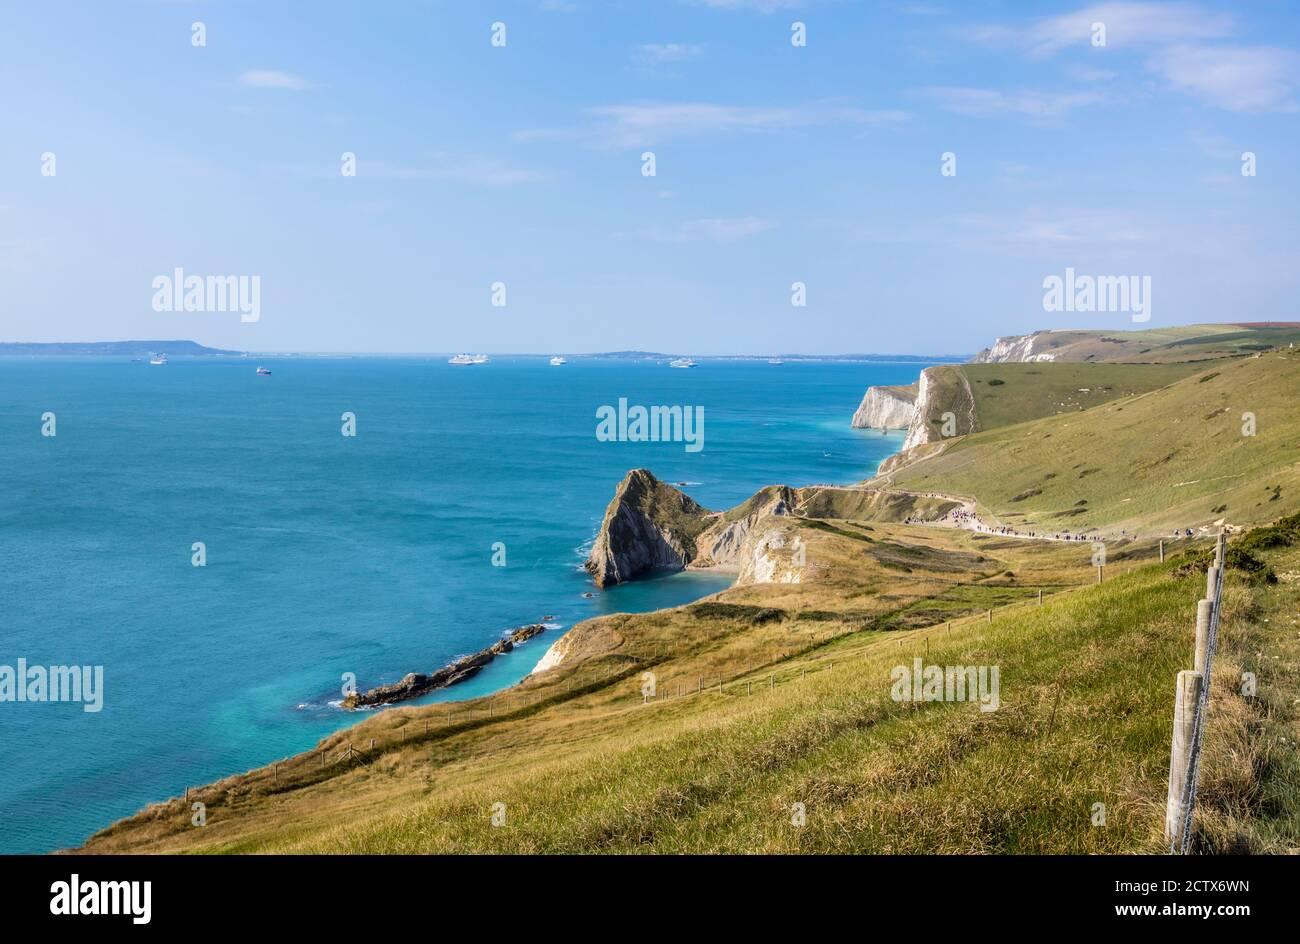 Vista panorámica de la costa desde el camino de la costa suroeste Desde Lulworth Cove hasta Durdle Door en la Costa Jurásica Patrimonio de la Humanidad en Dorset Foto de stock